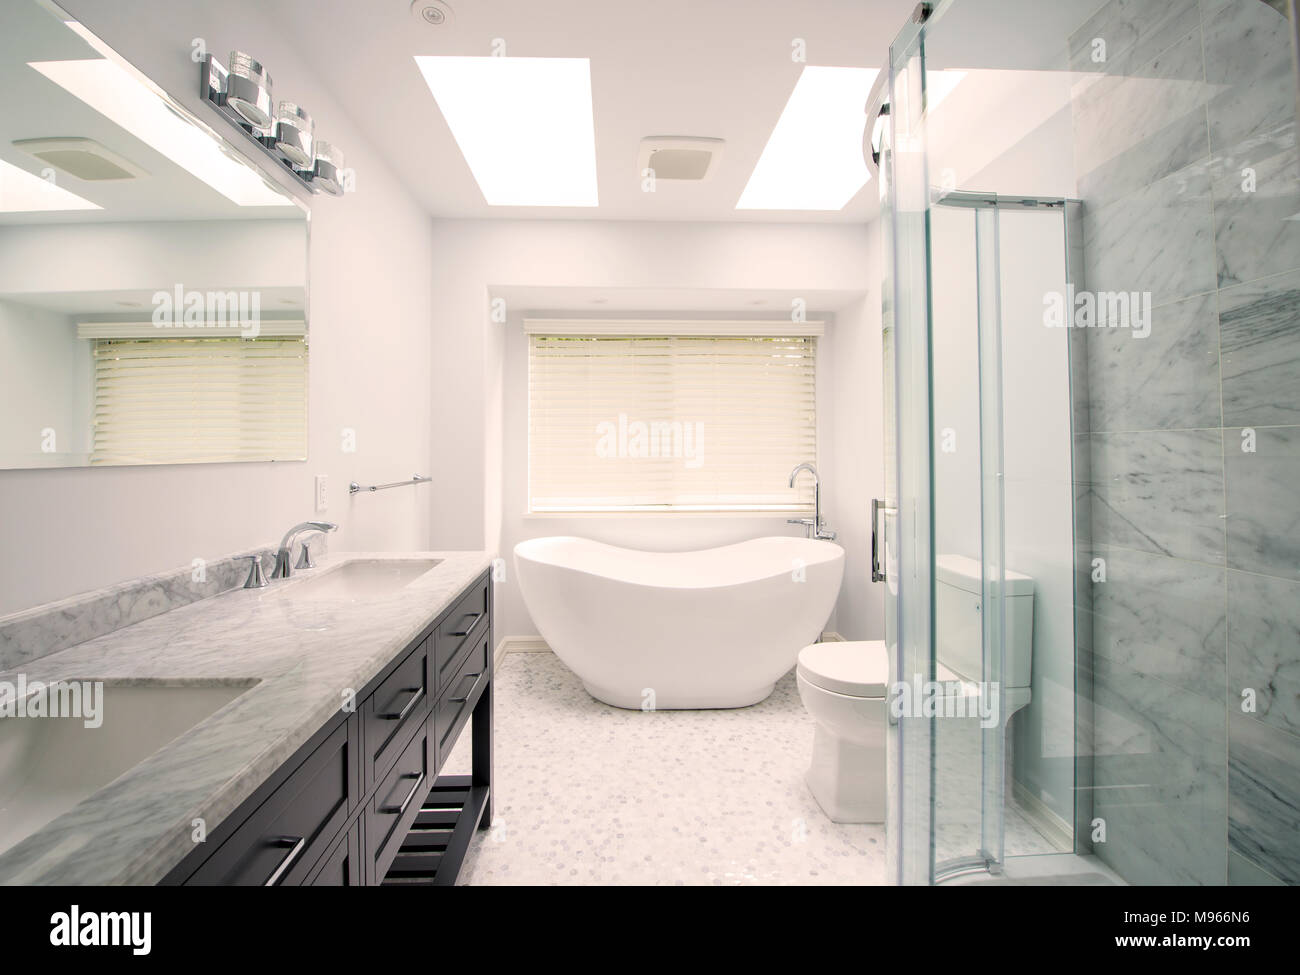 Neu renoviertes Badezimmer mit modernen Armaturen Stockfoto, Bild ...